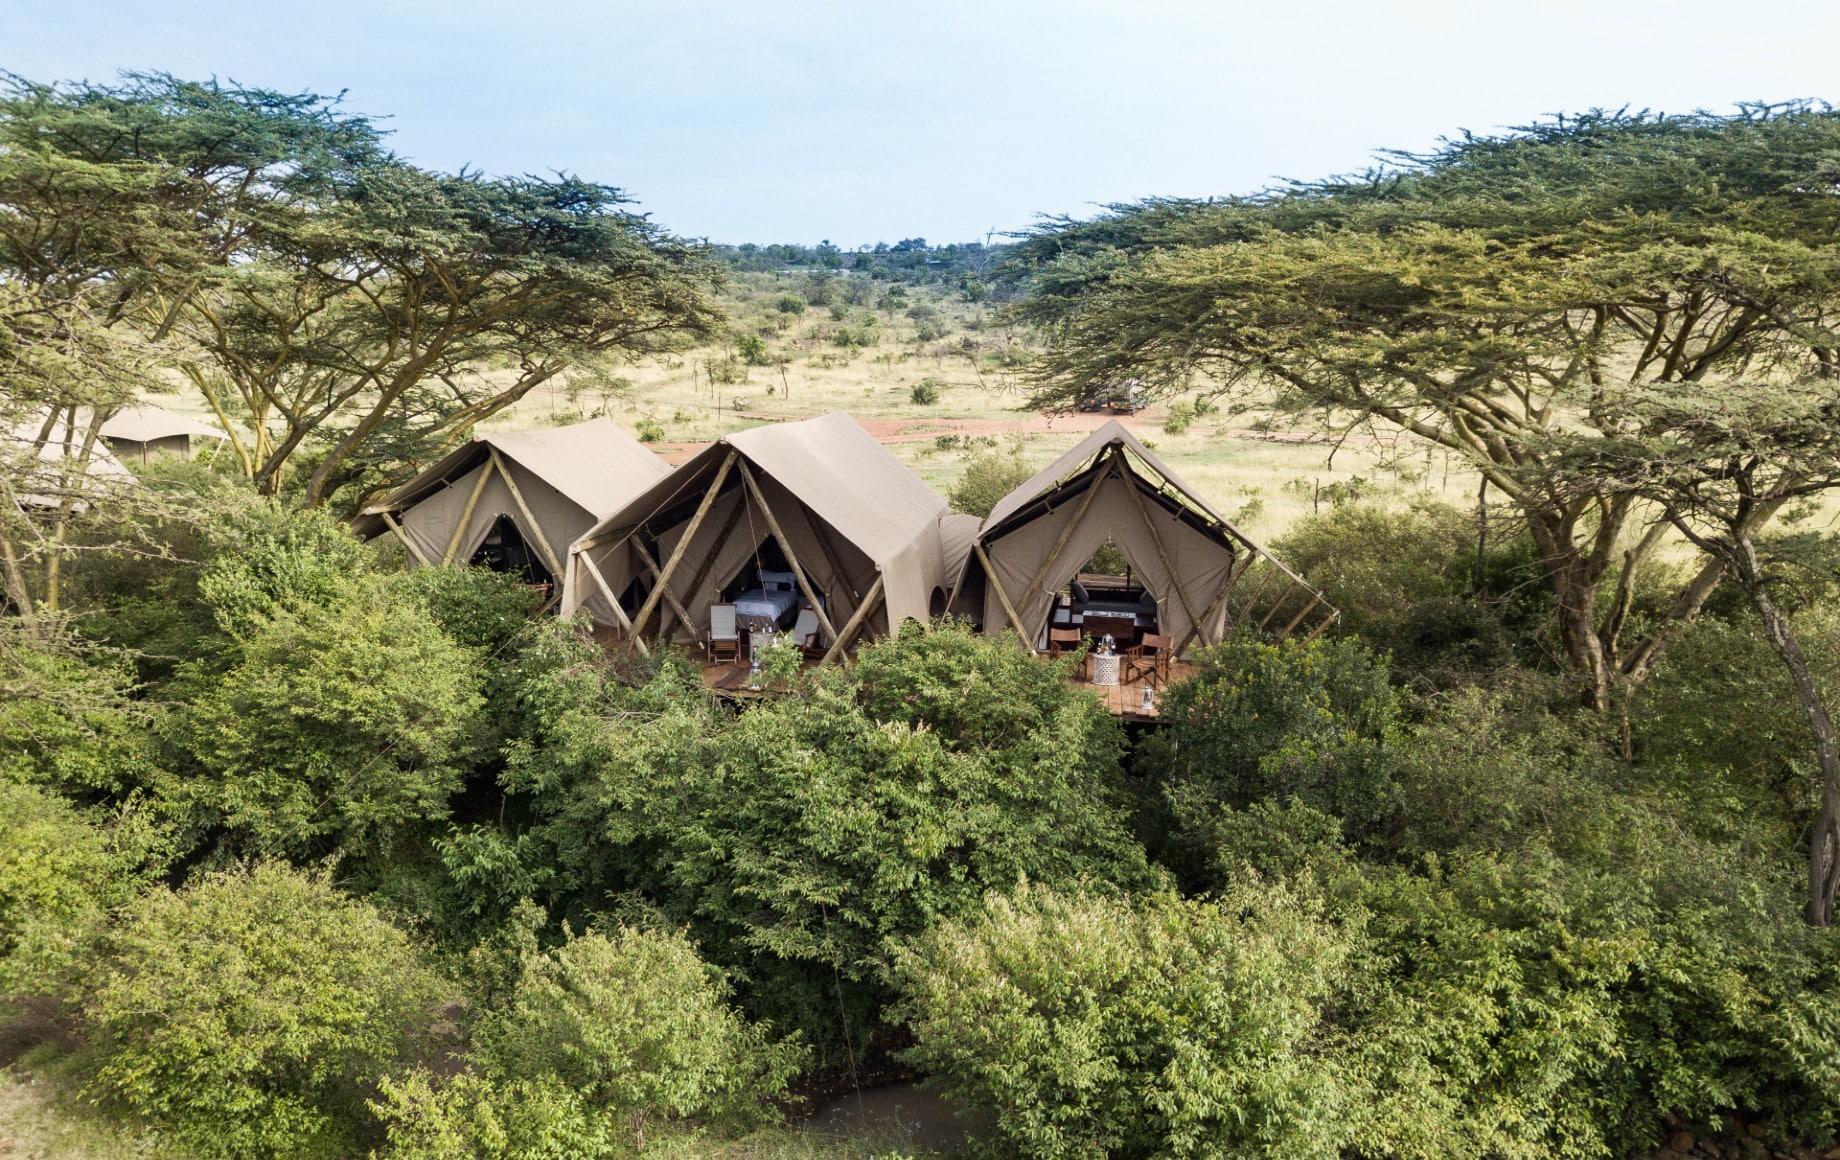 several tents in a row at Mara Nyika